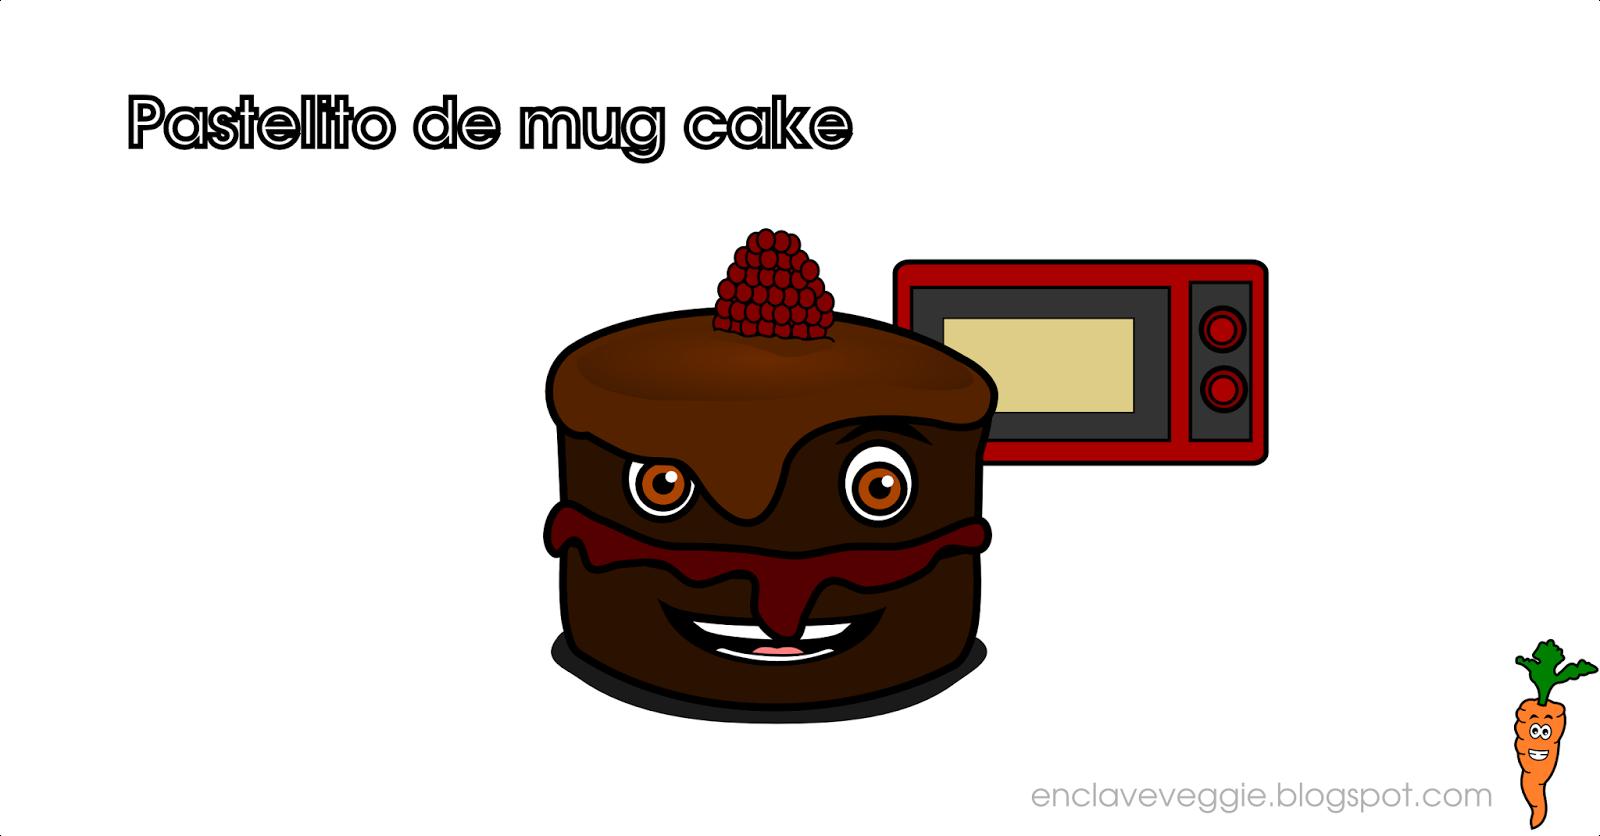 http://enclaveveggie.blogspot.com/2015/03/pastelito-de-mug-cake.html